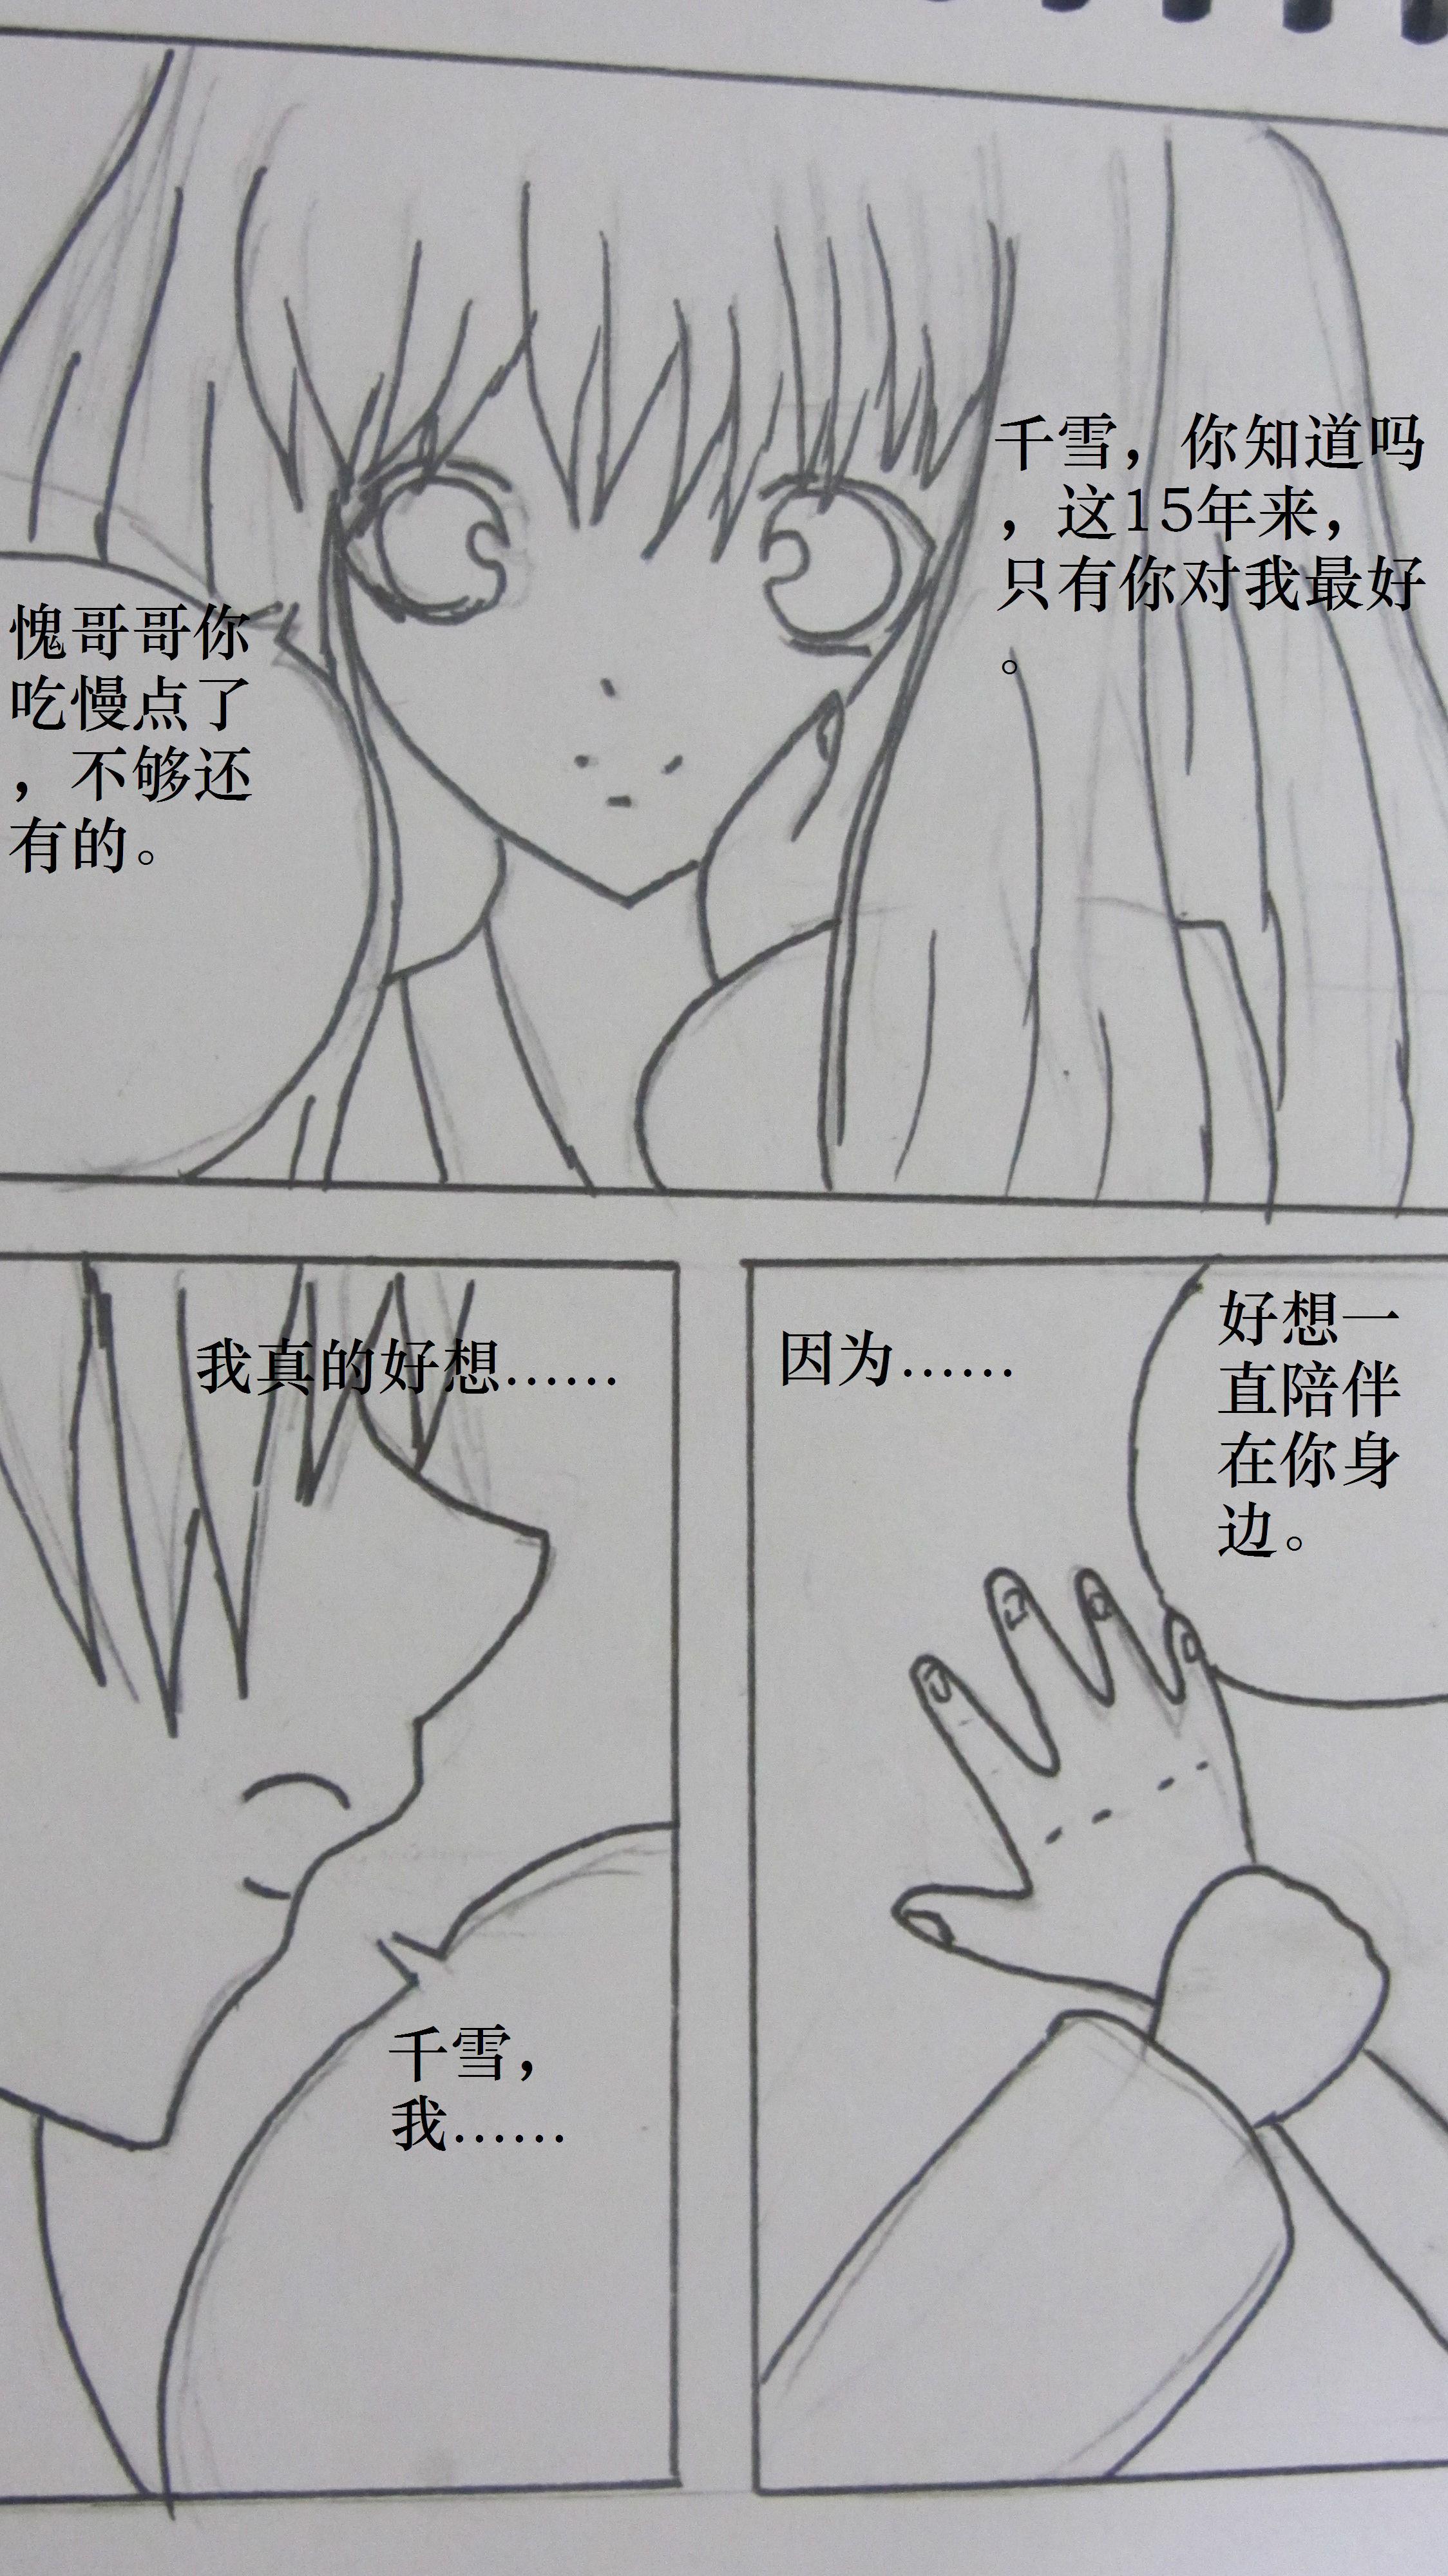 【手绘漫画】今生,让我对你说